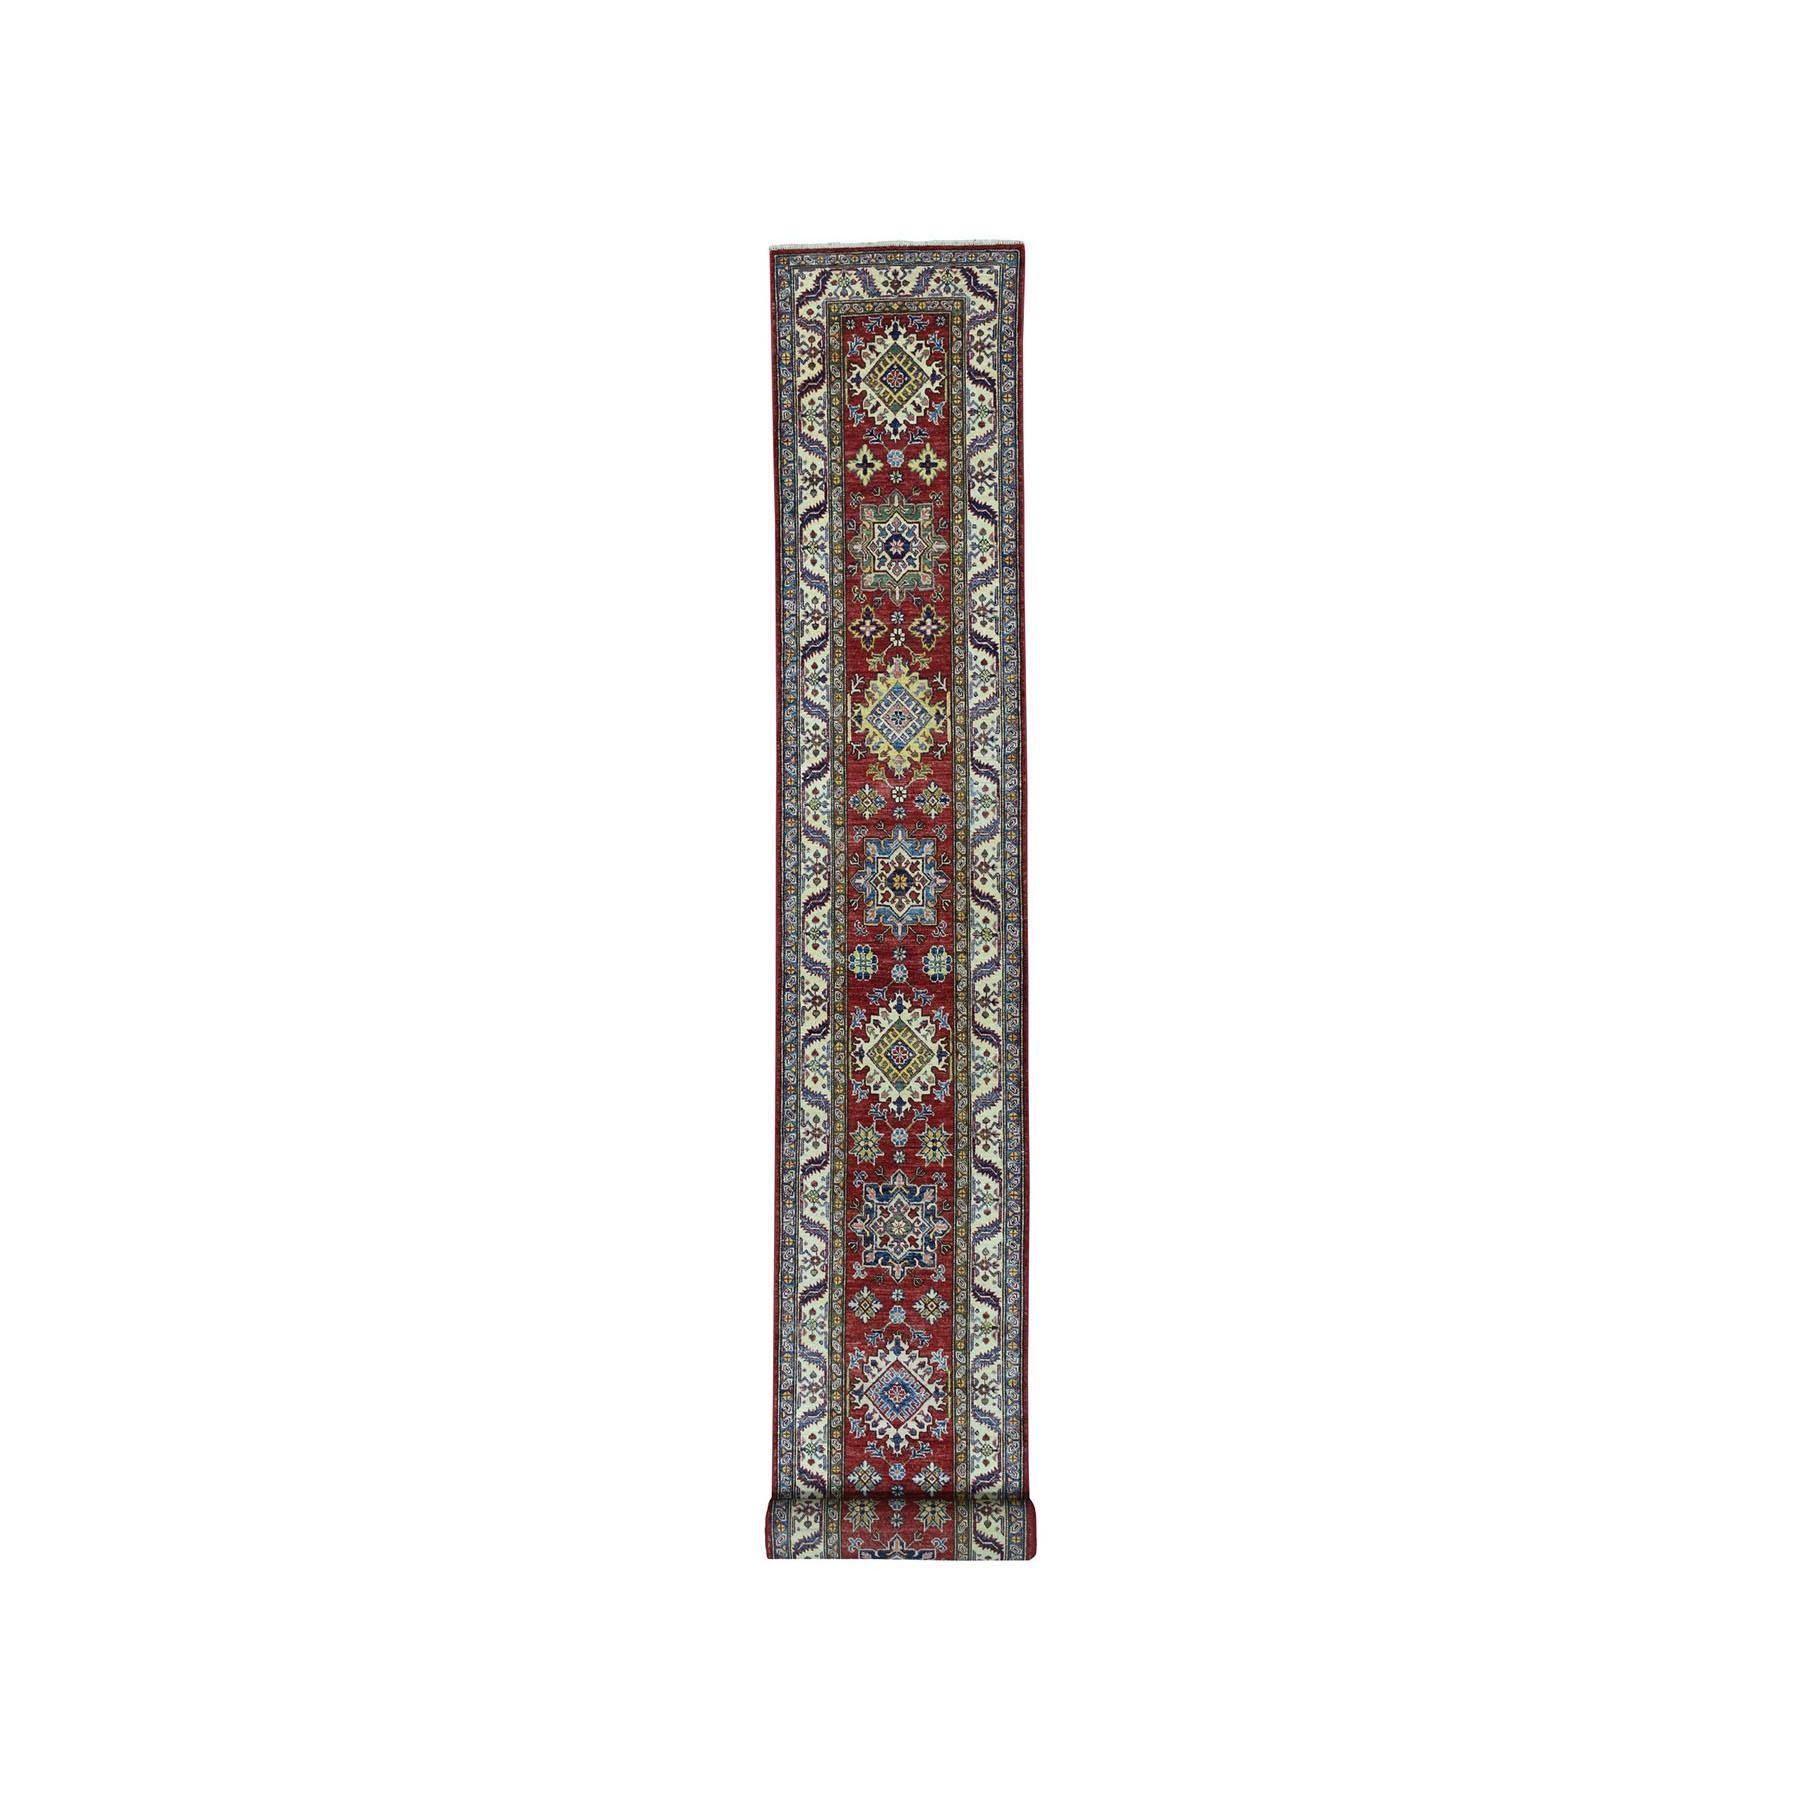 """2'6""""X19'8"""" Red Super Kazak Pure Wool Geometric Design Hand-Knotted Xl Runner Oriental Rug moaea08d"""